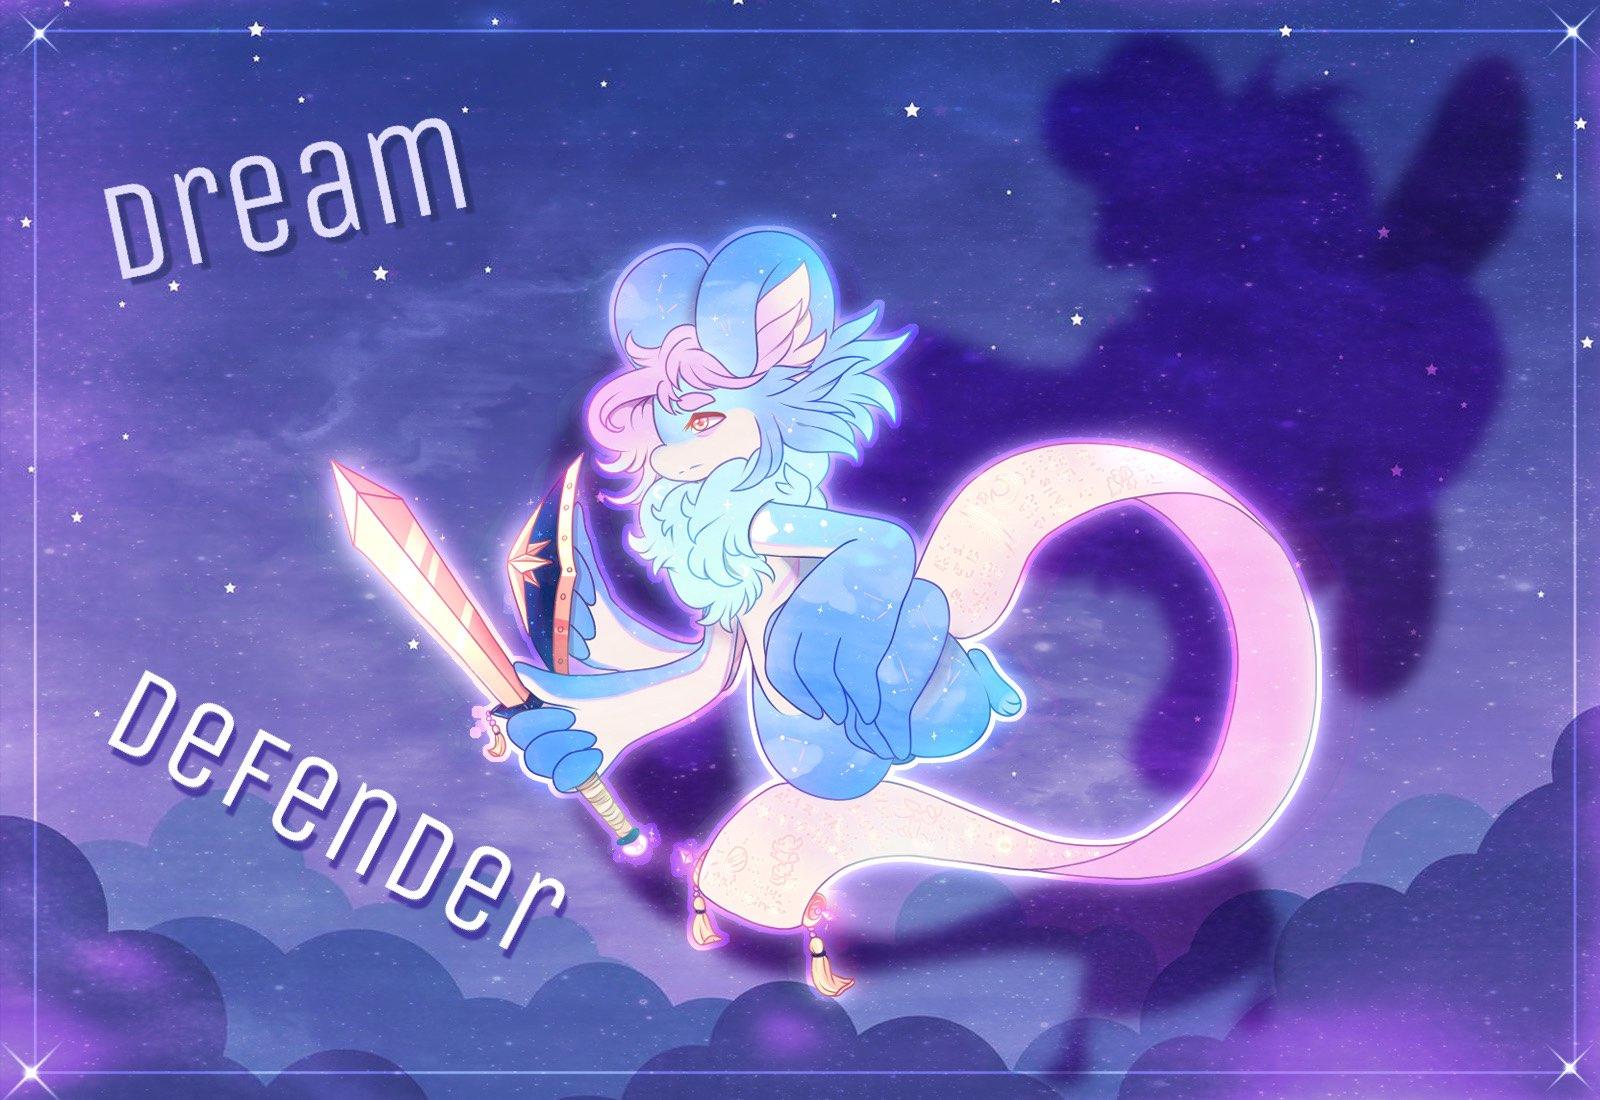 DreamDefenderImage